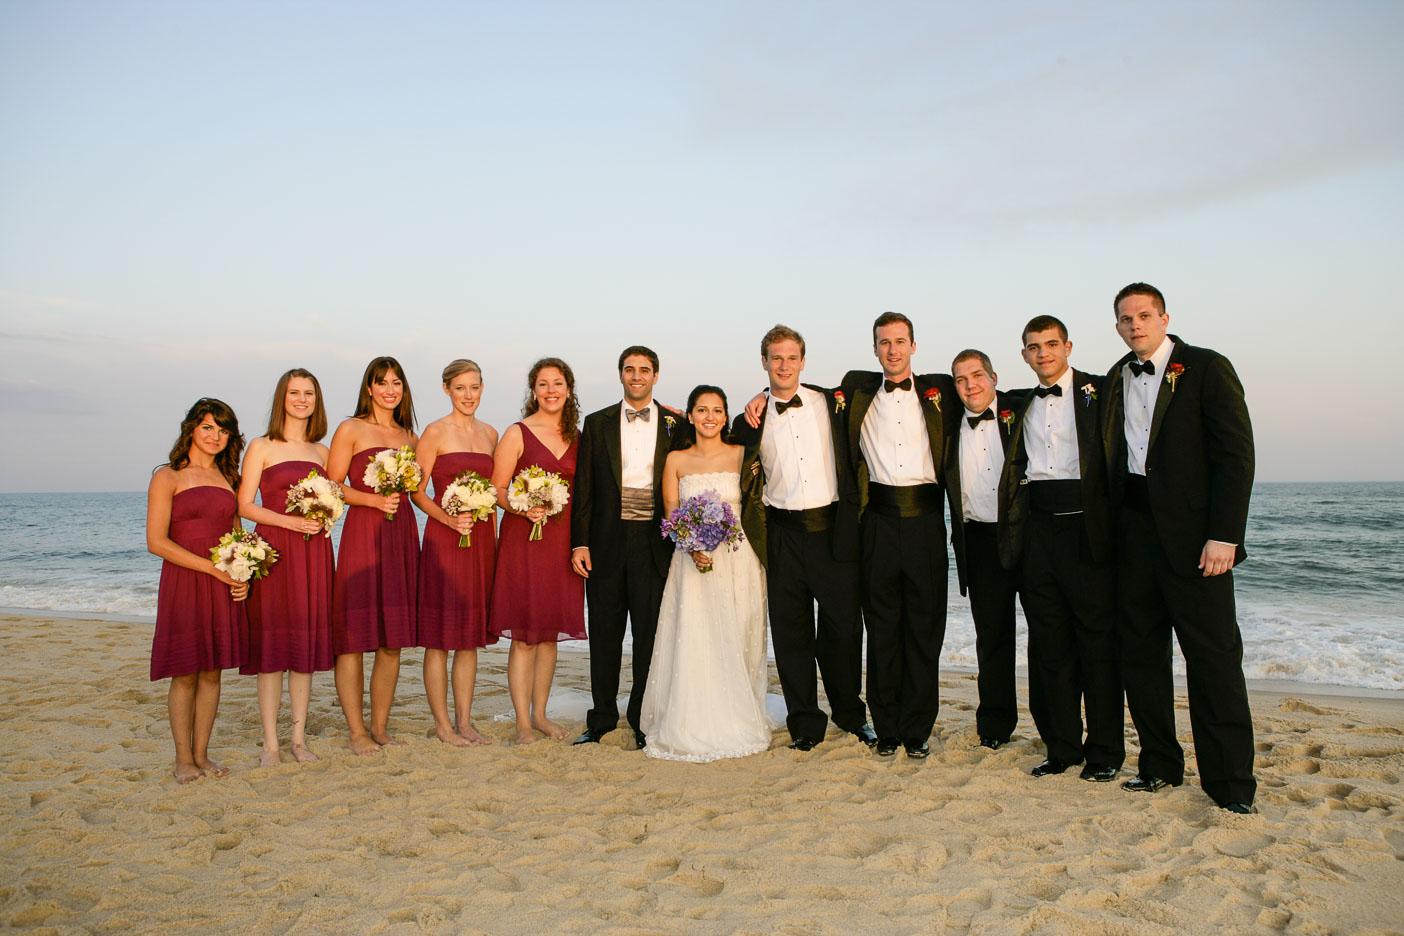 Hamptons-wedding-beach-35.jpg